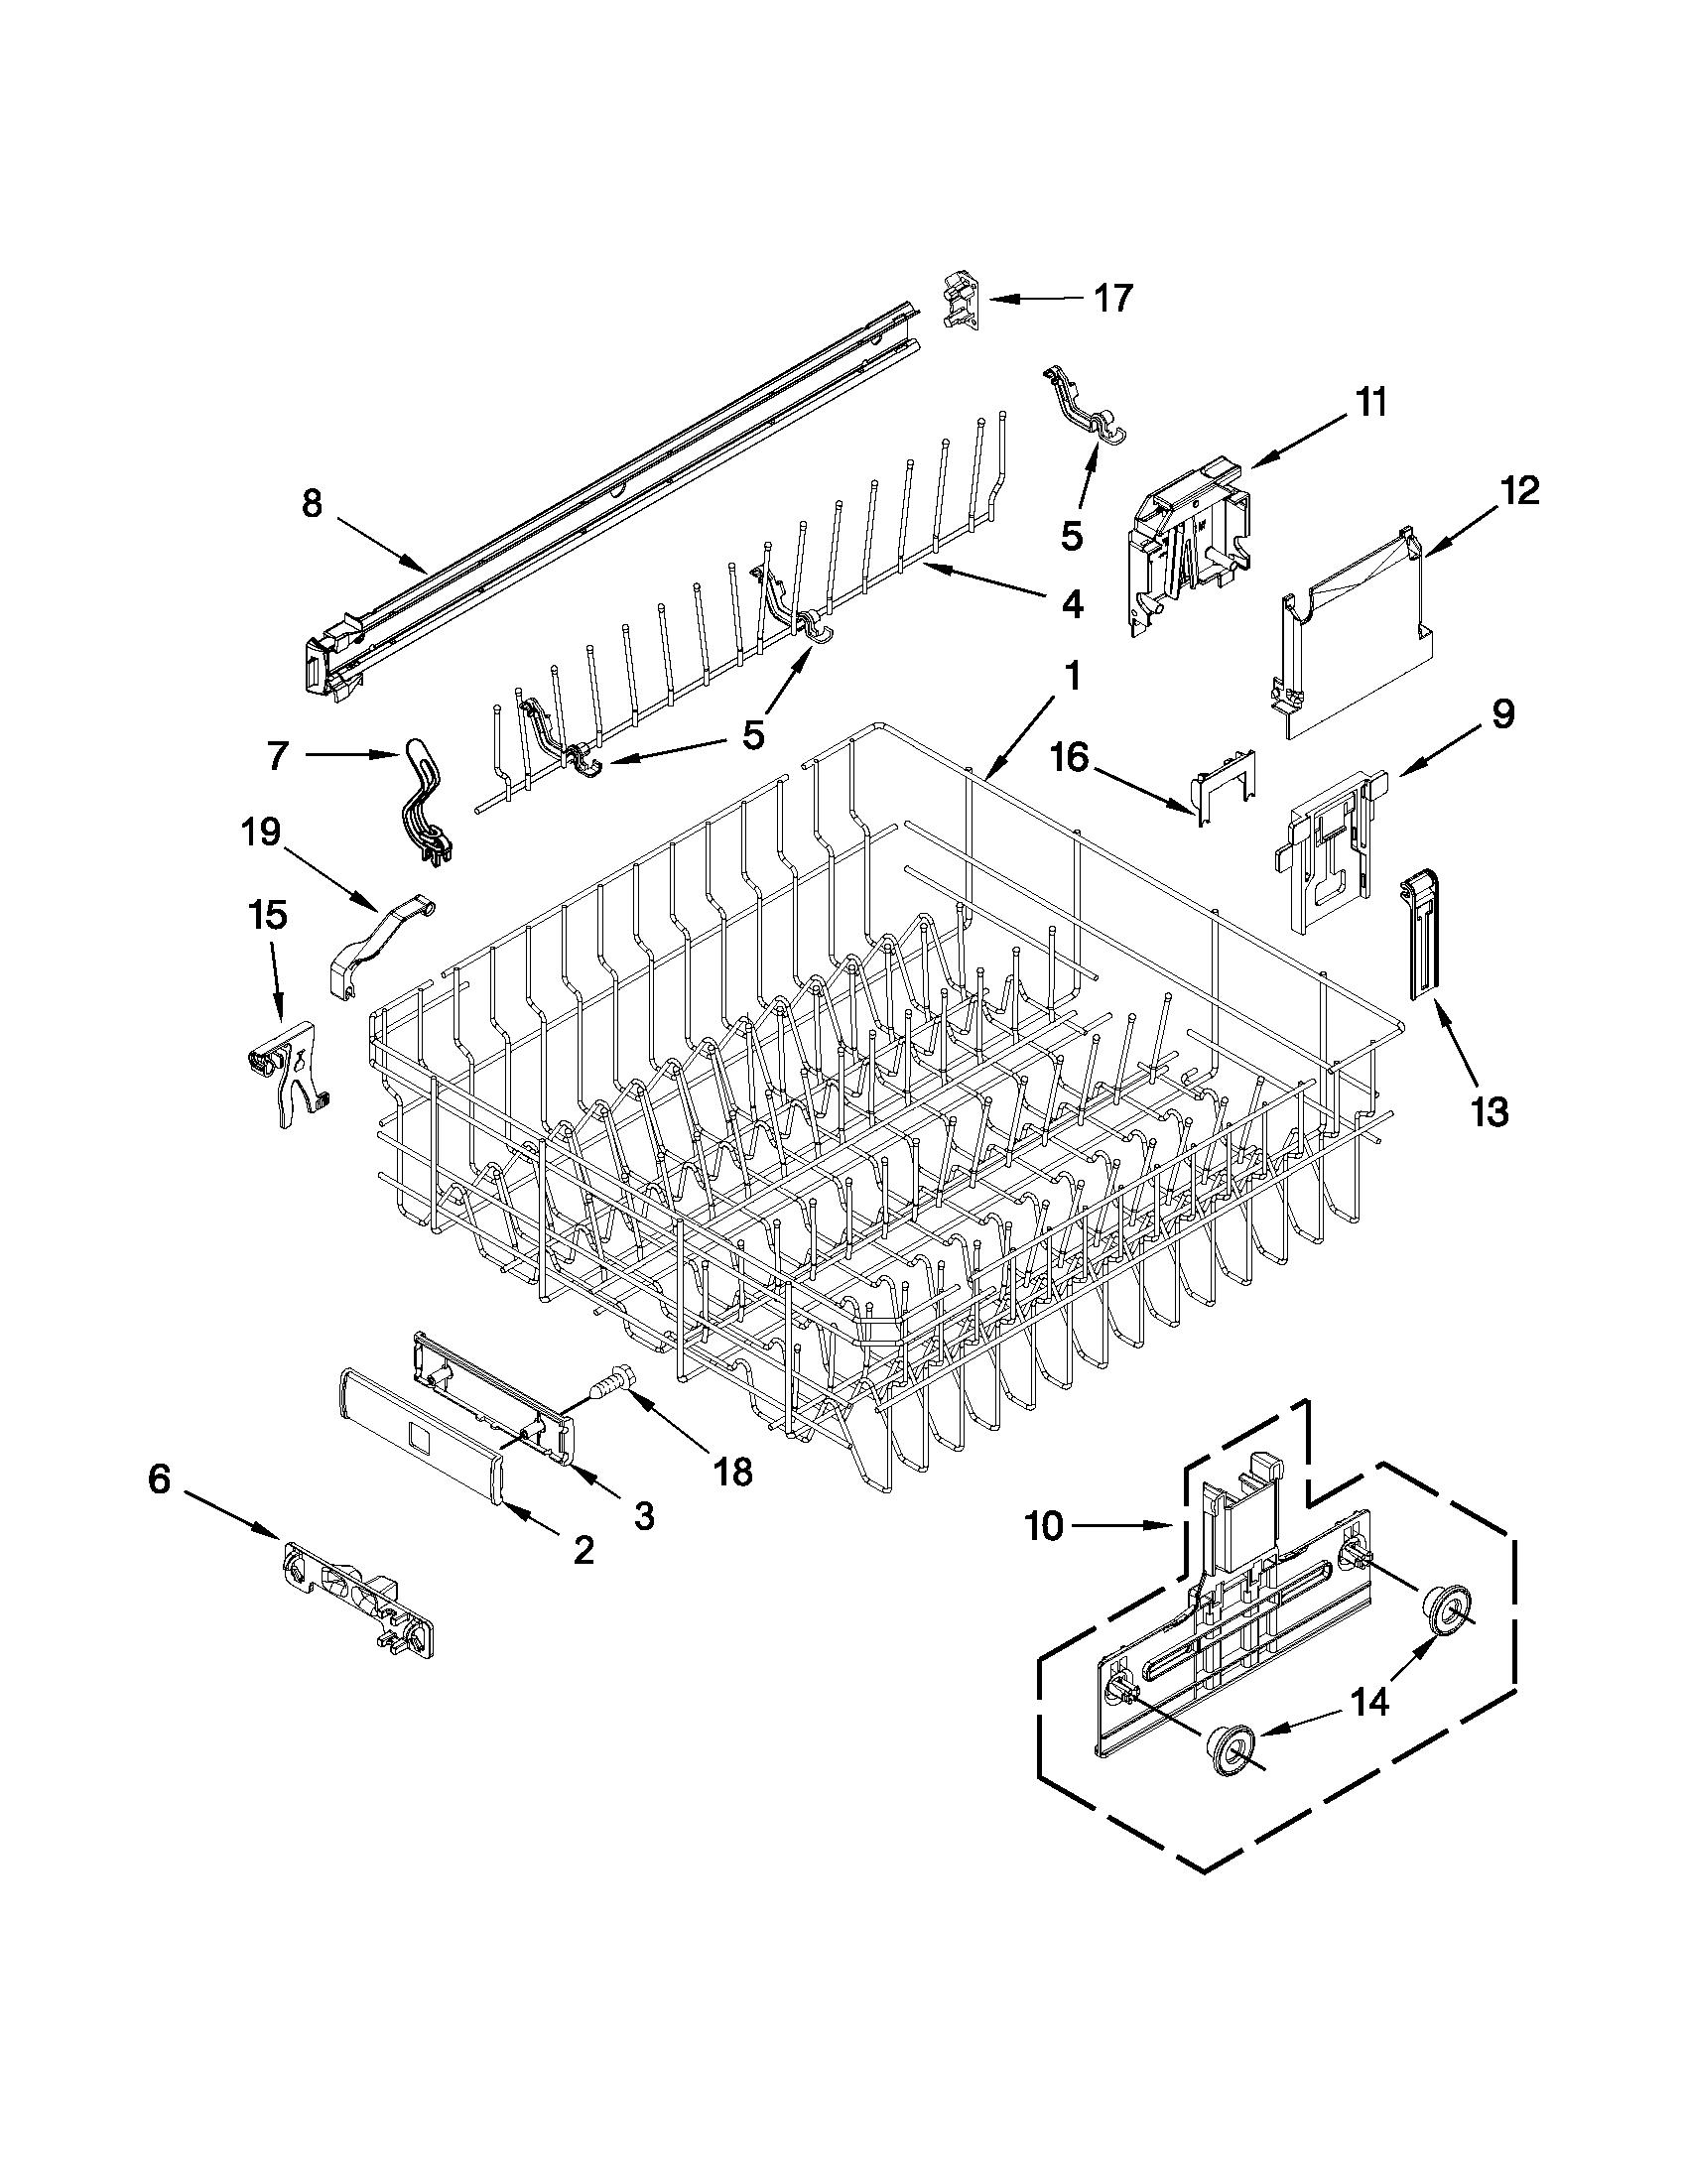 hight resolution of kenmore elite dishwasher model 66512769k310 upper rack and track parts diagram